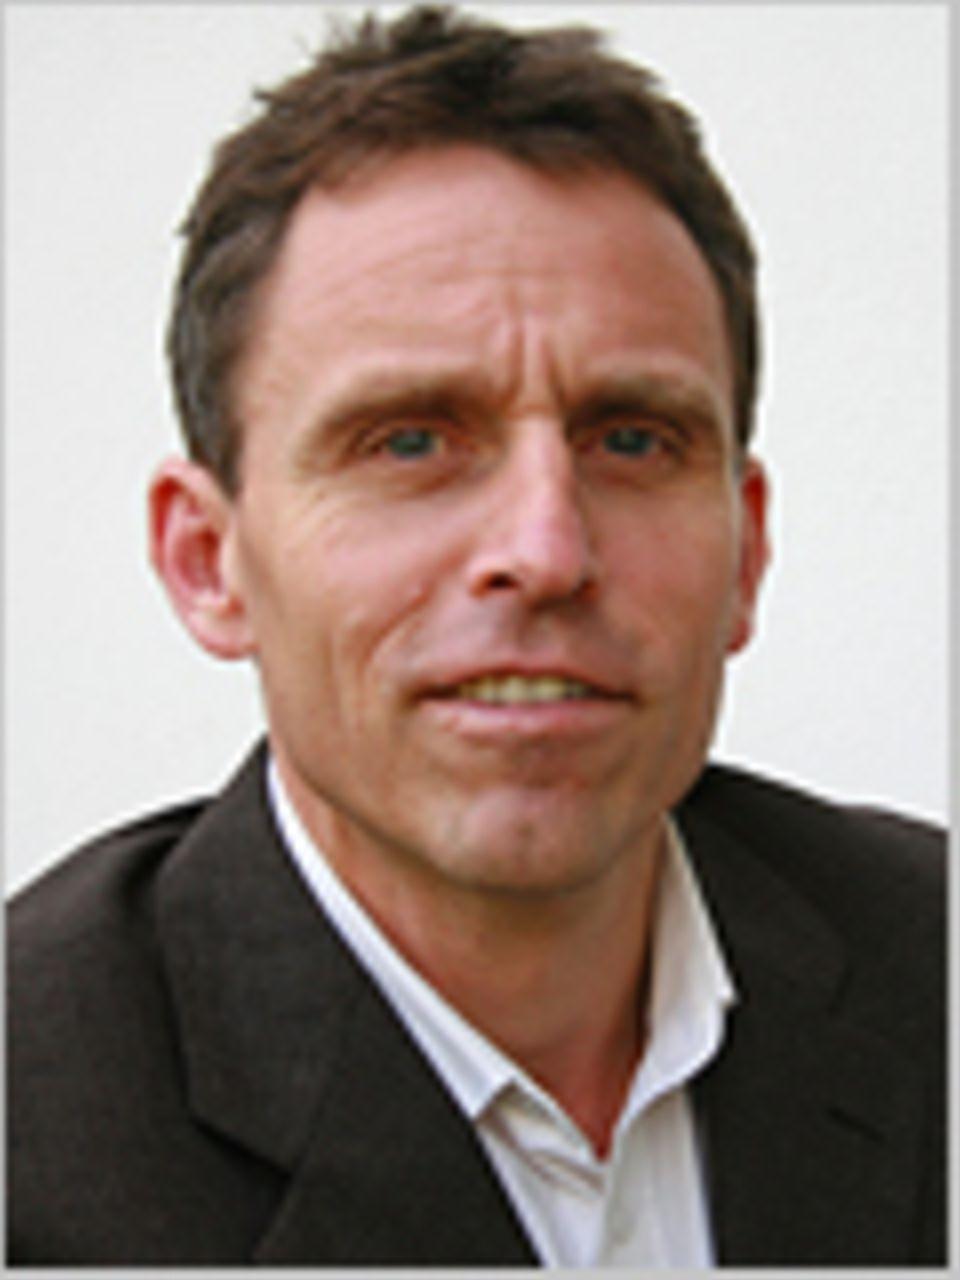 Ralf Thielebein-Pohl ist Geschäftsführer der Hamburger Stiftung Save our Future